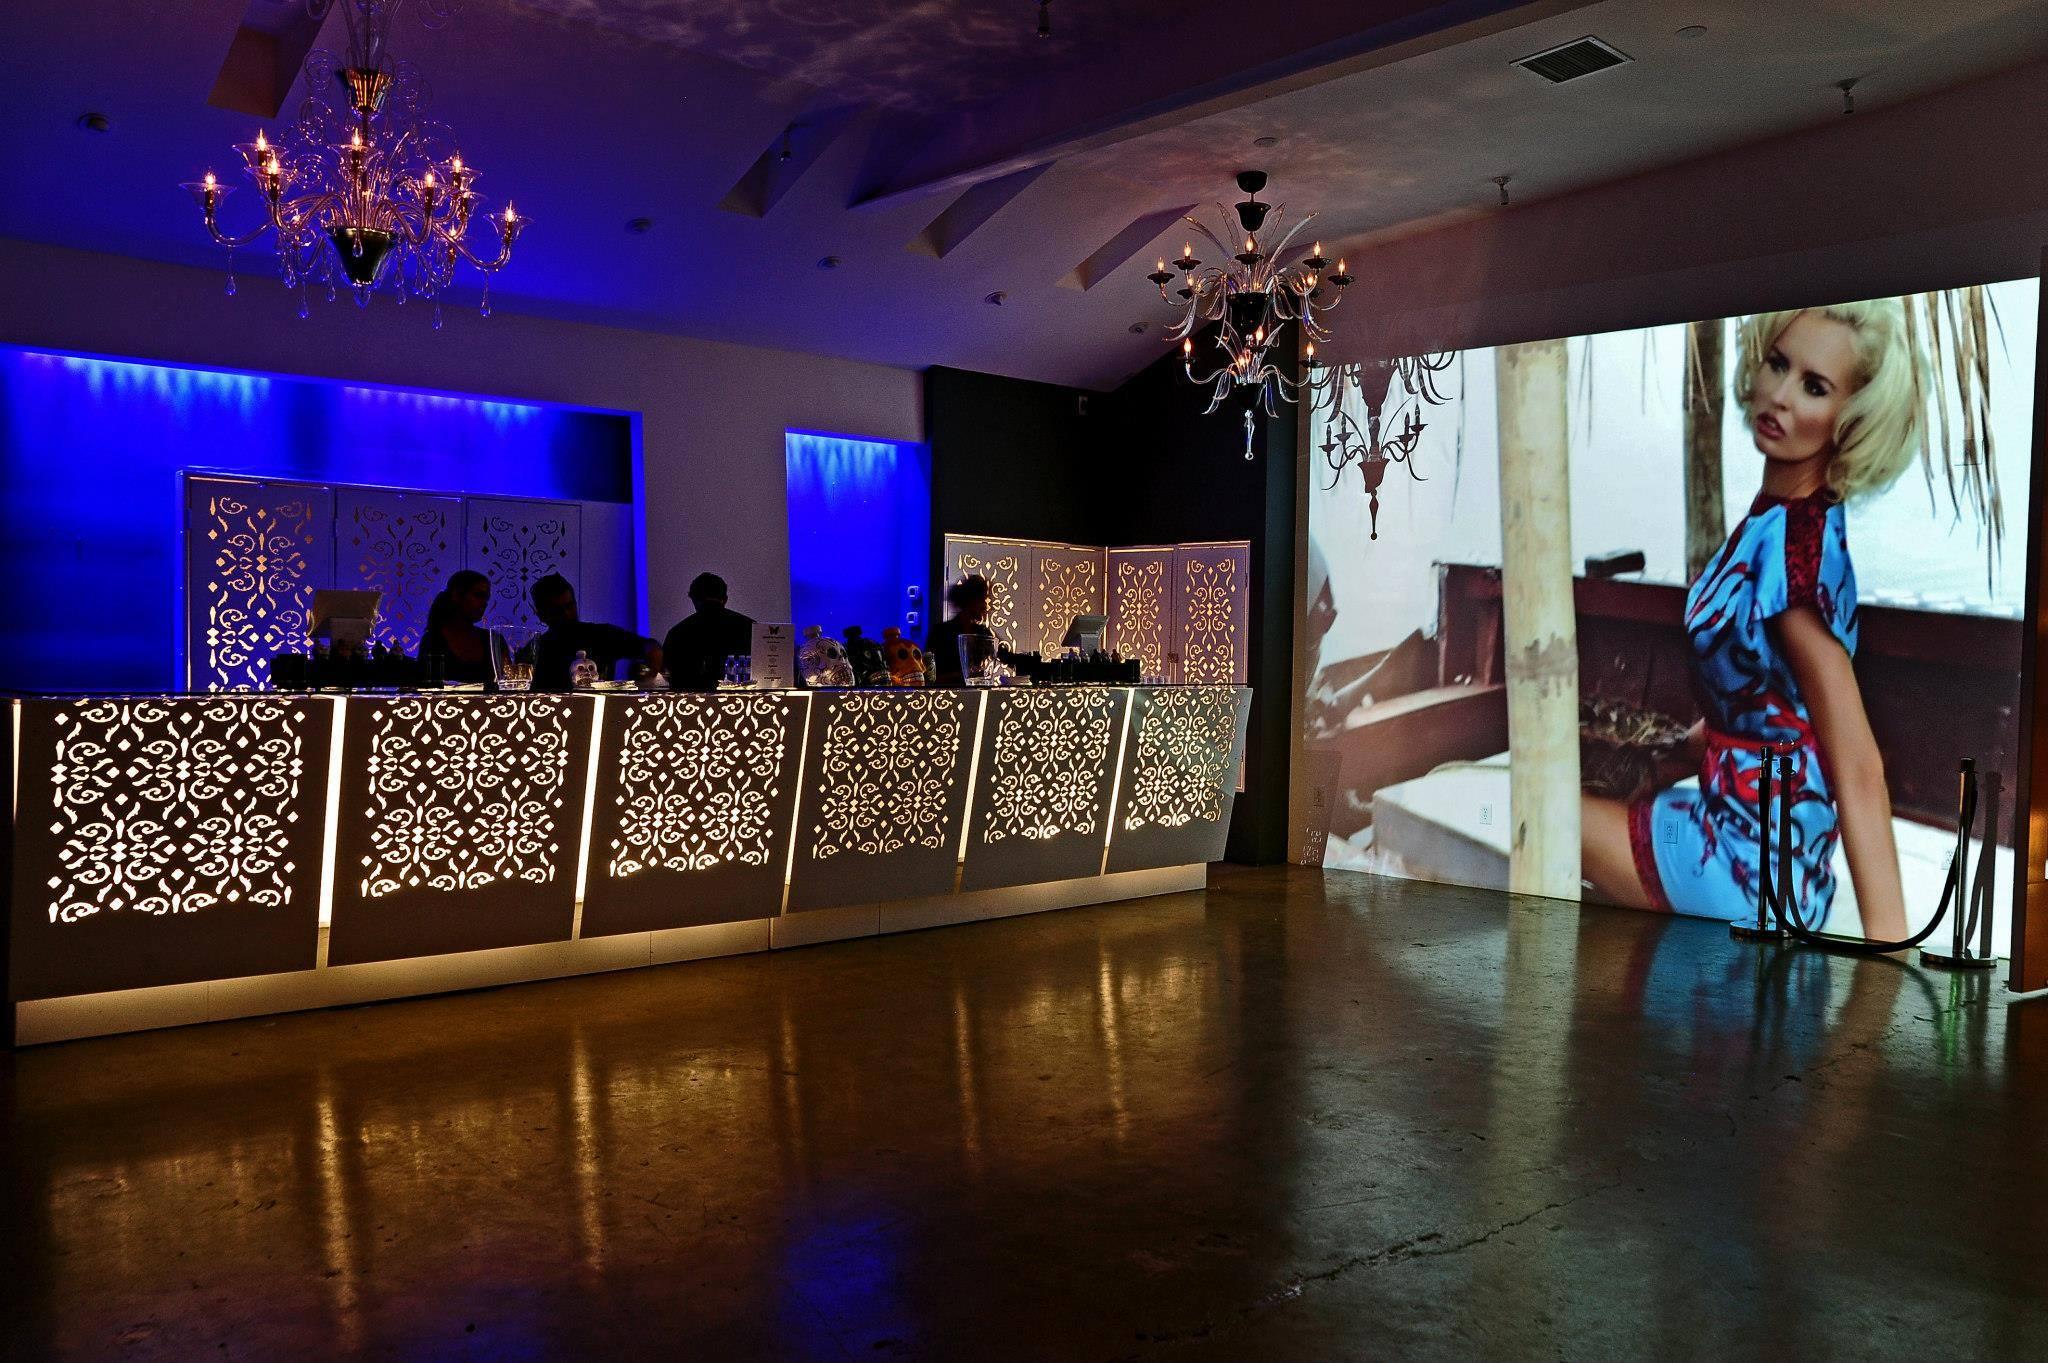 Private Events at Unici Casa